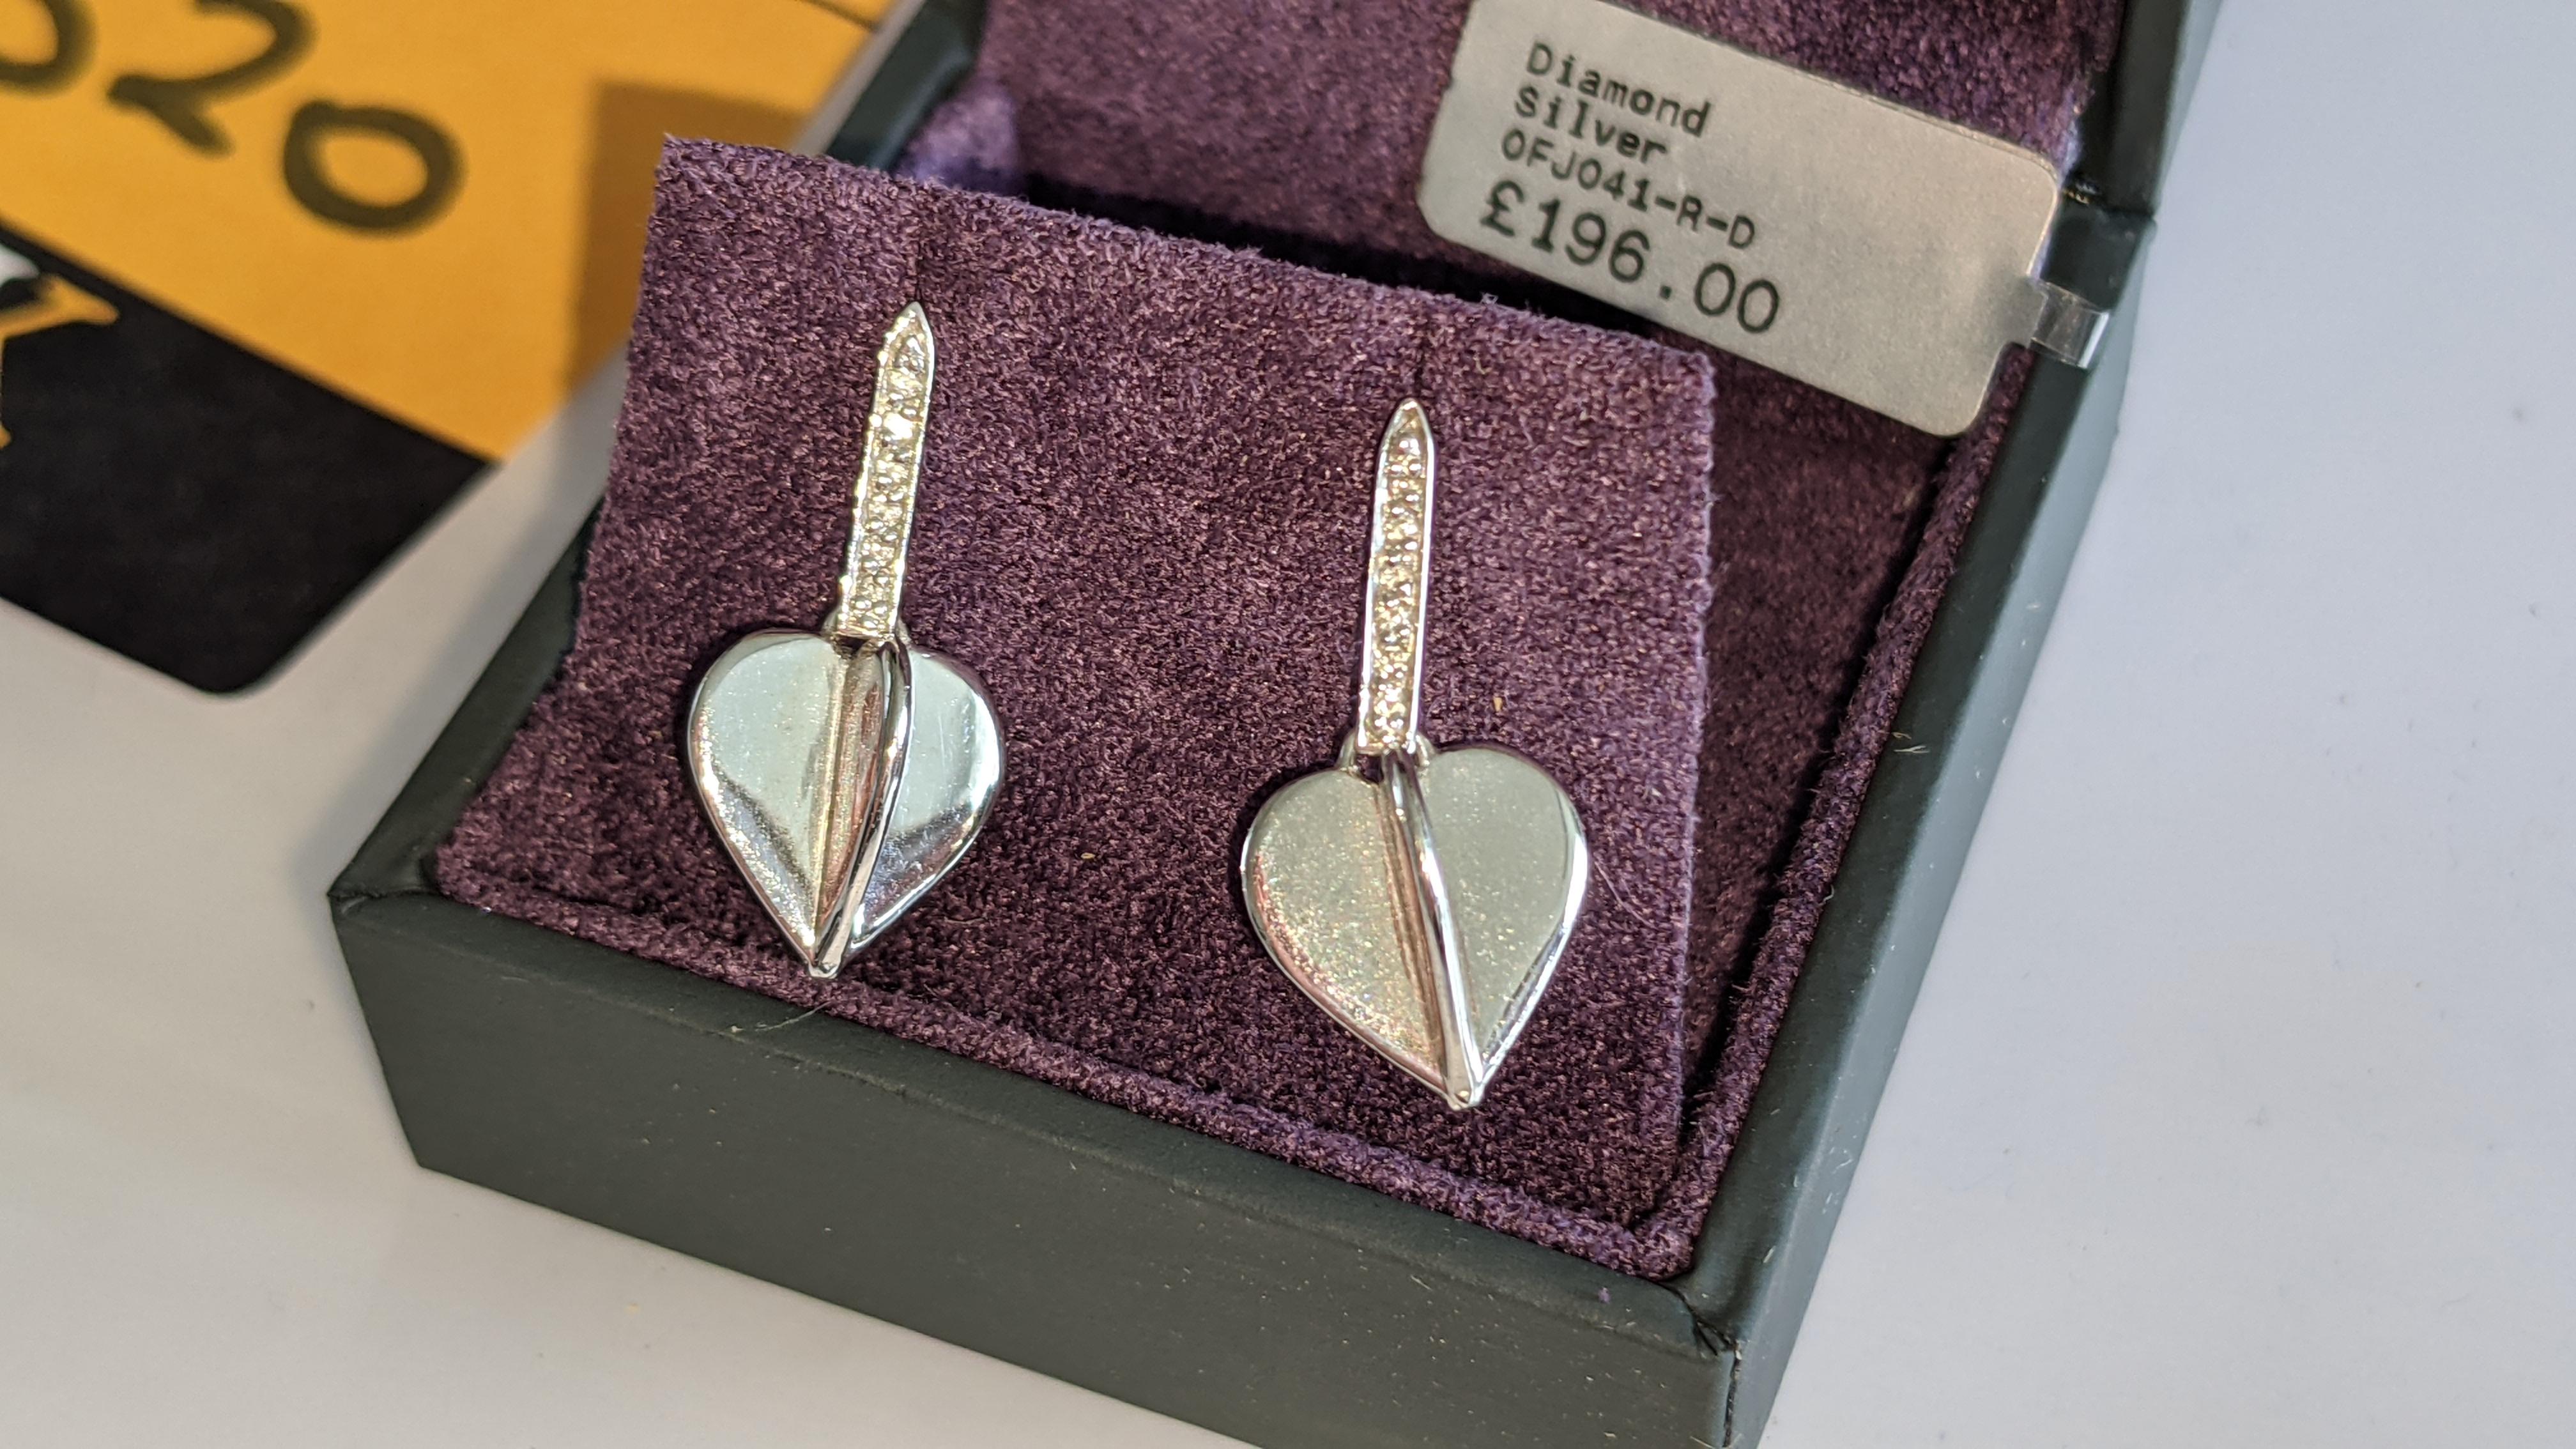 Pair of earrings, retail price £196 - Image 6 of 11